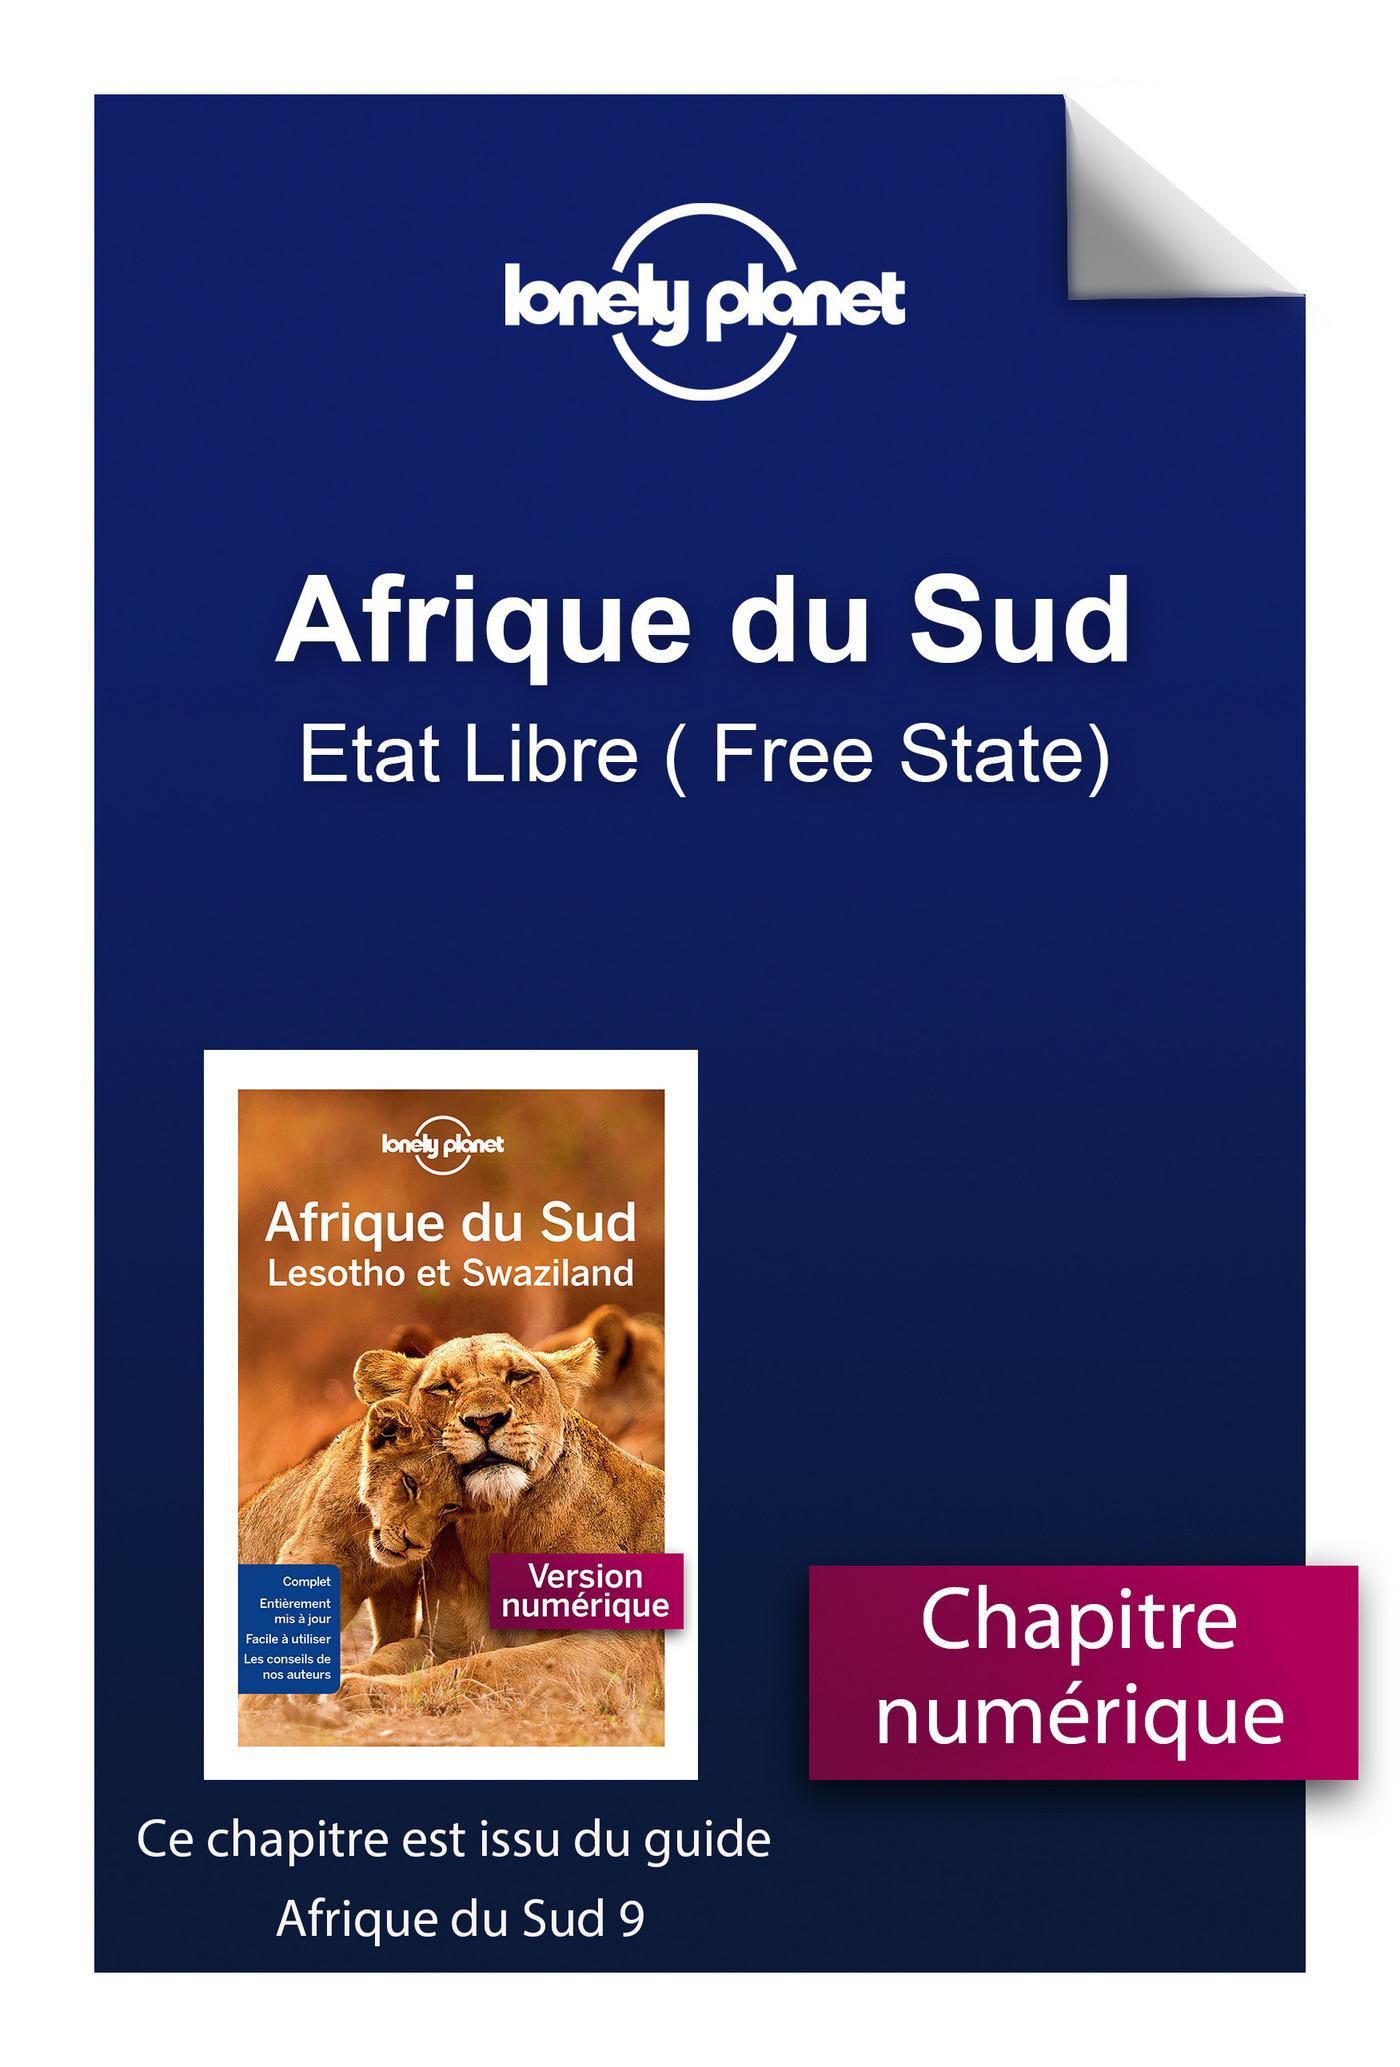 Afrique du Sud - Etat Libre ( Free State)